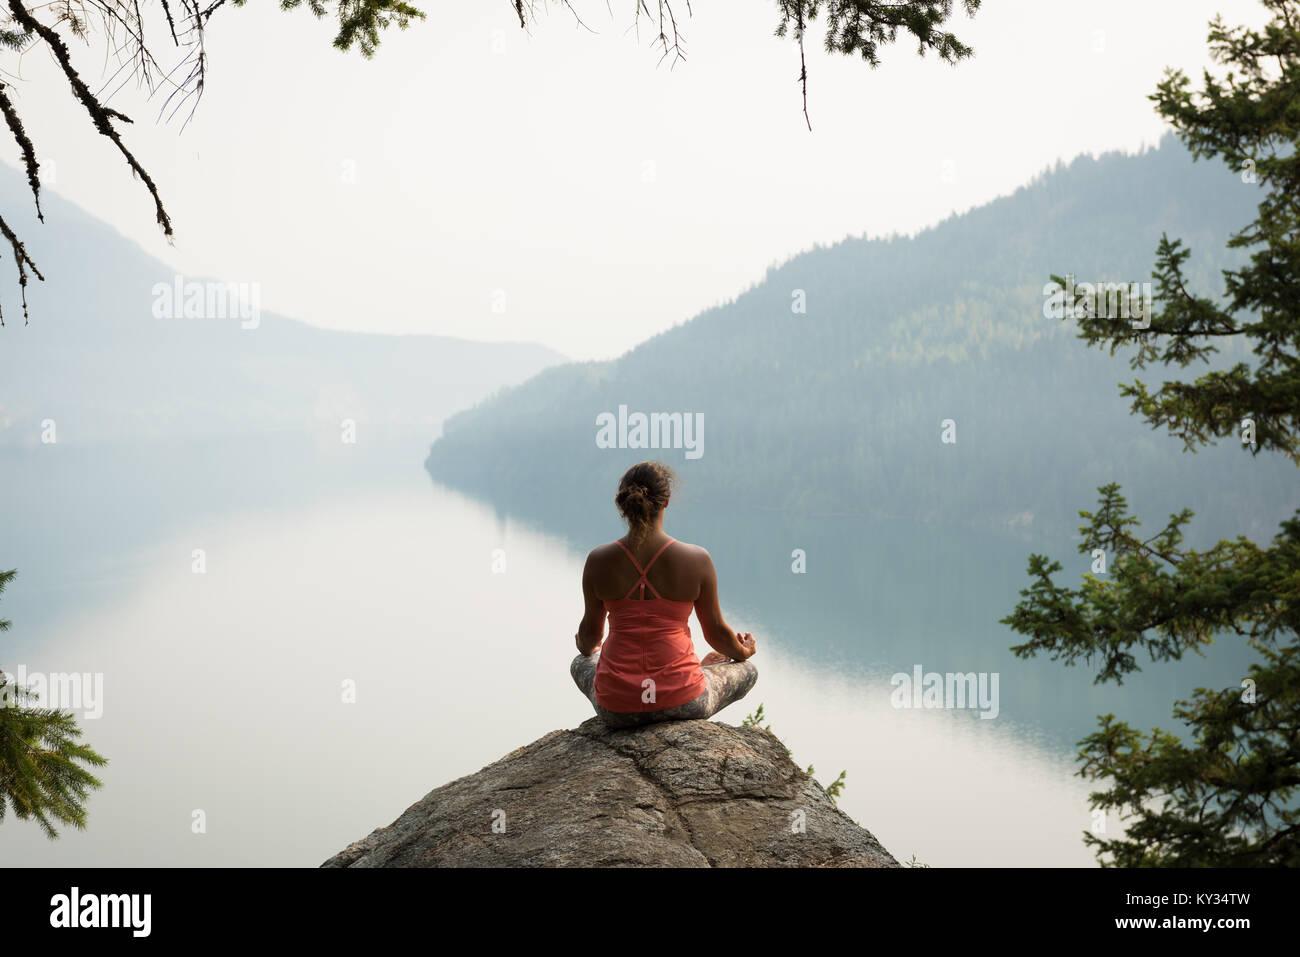 Fit woman sitting posture en méditant sur le bord d'un rocher Banque D'Images